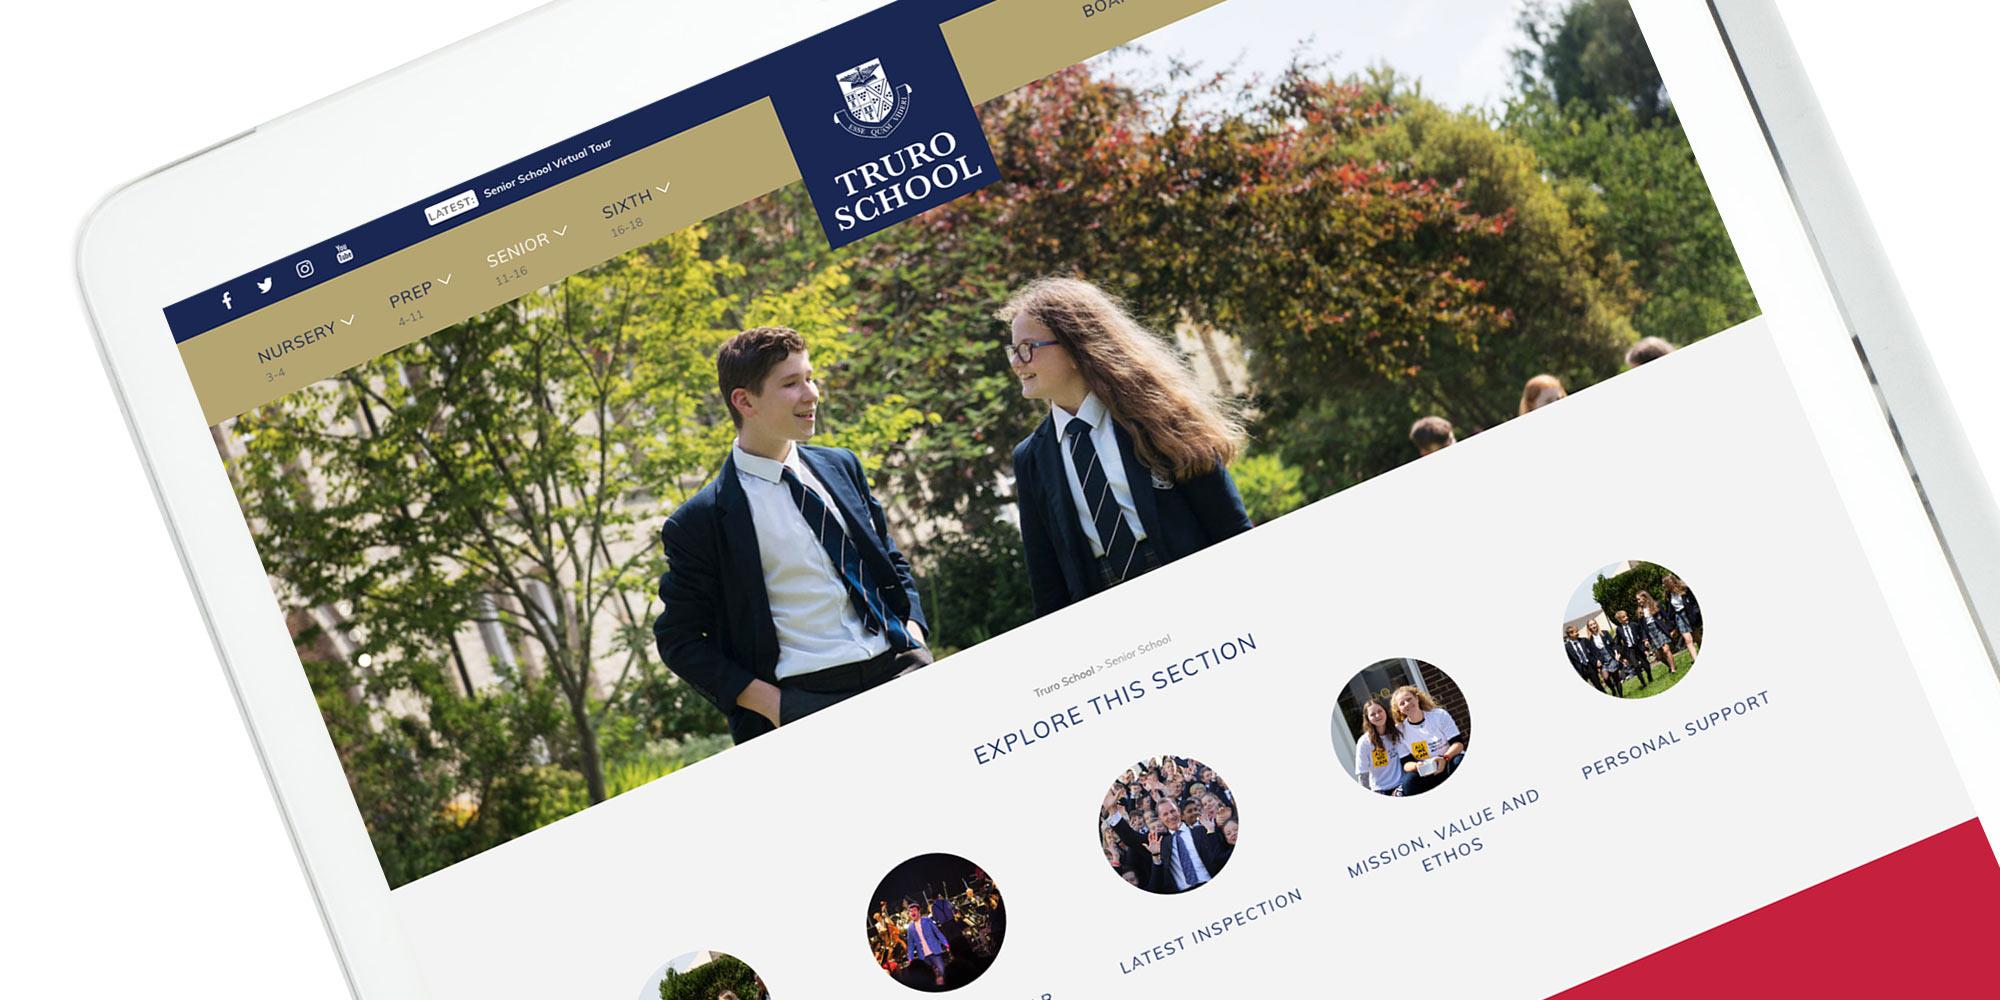 Truro School Wordpress Website on Tablet Device